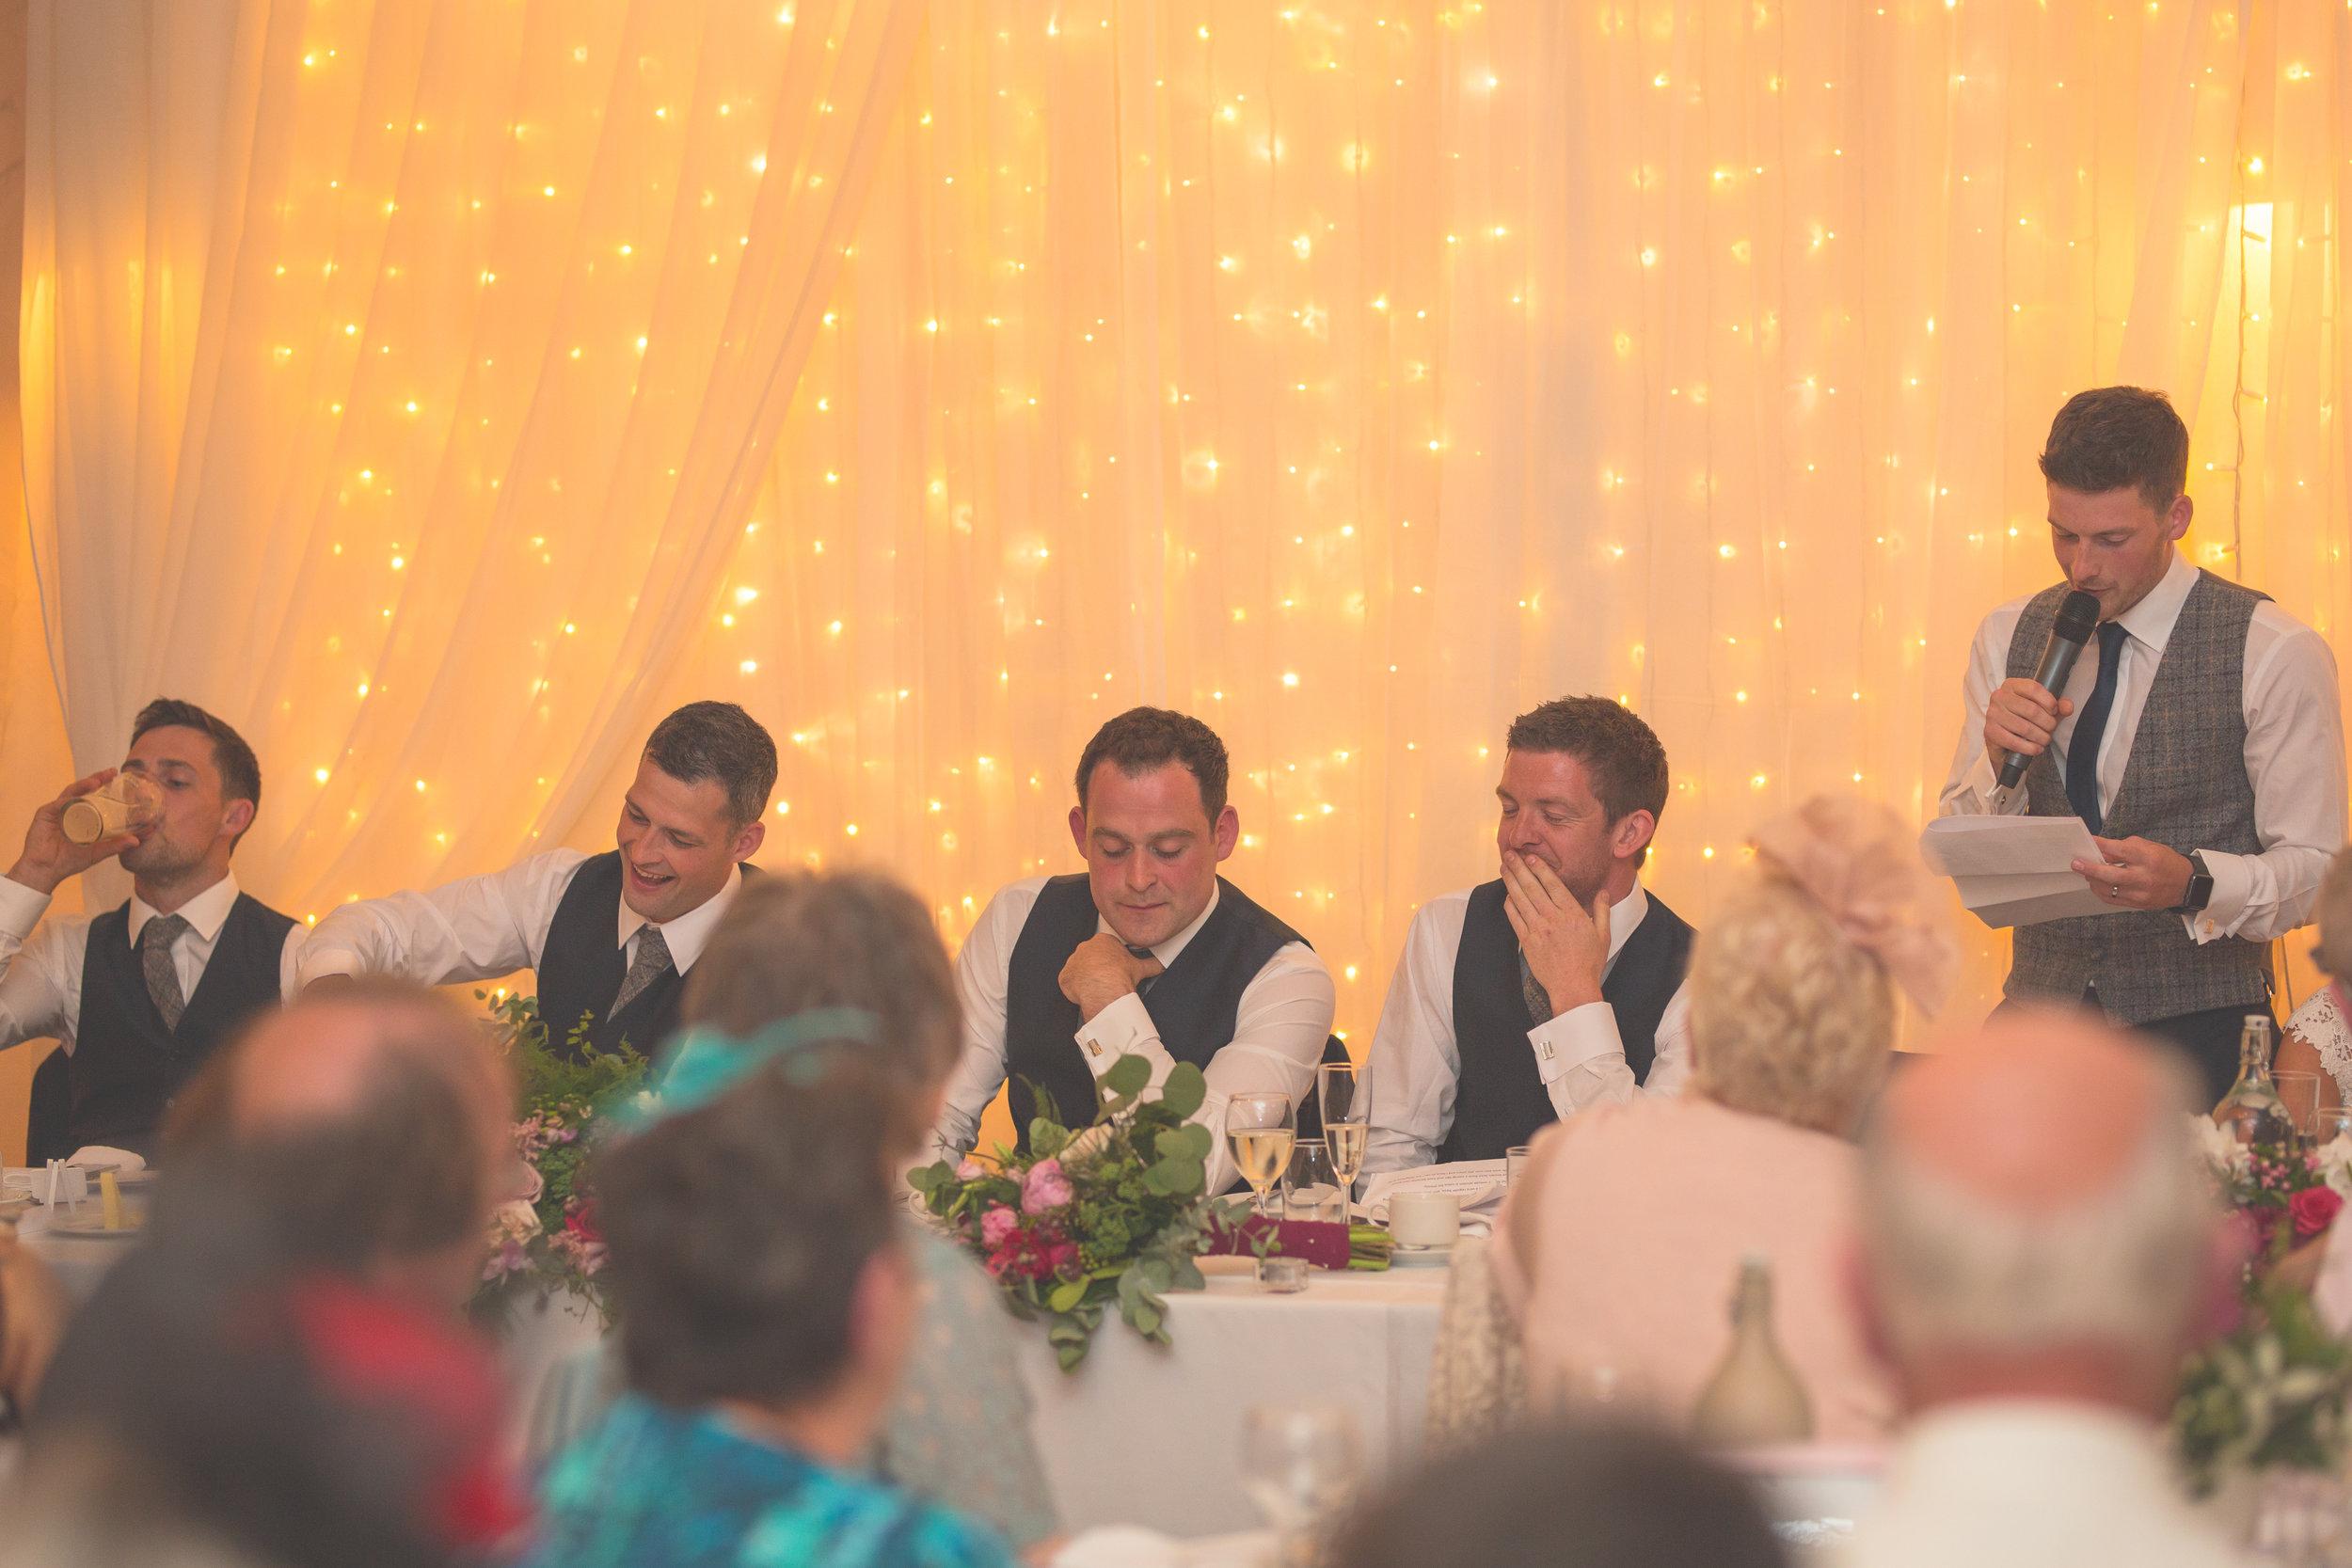 Brian McEwan Wedding Photography | Carol-Anne & Sean | The Speeches-75.jpg